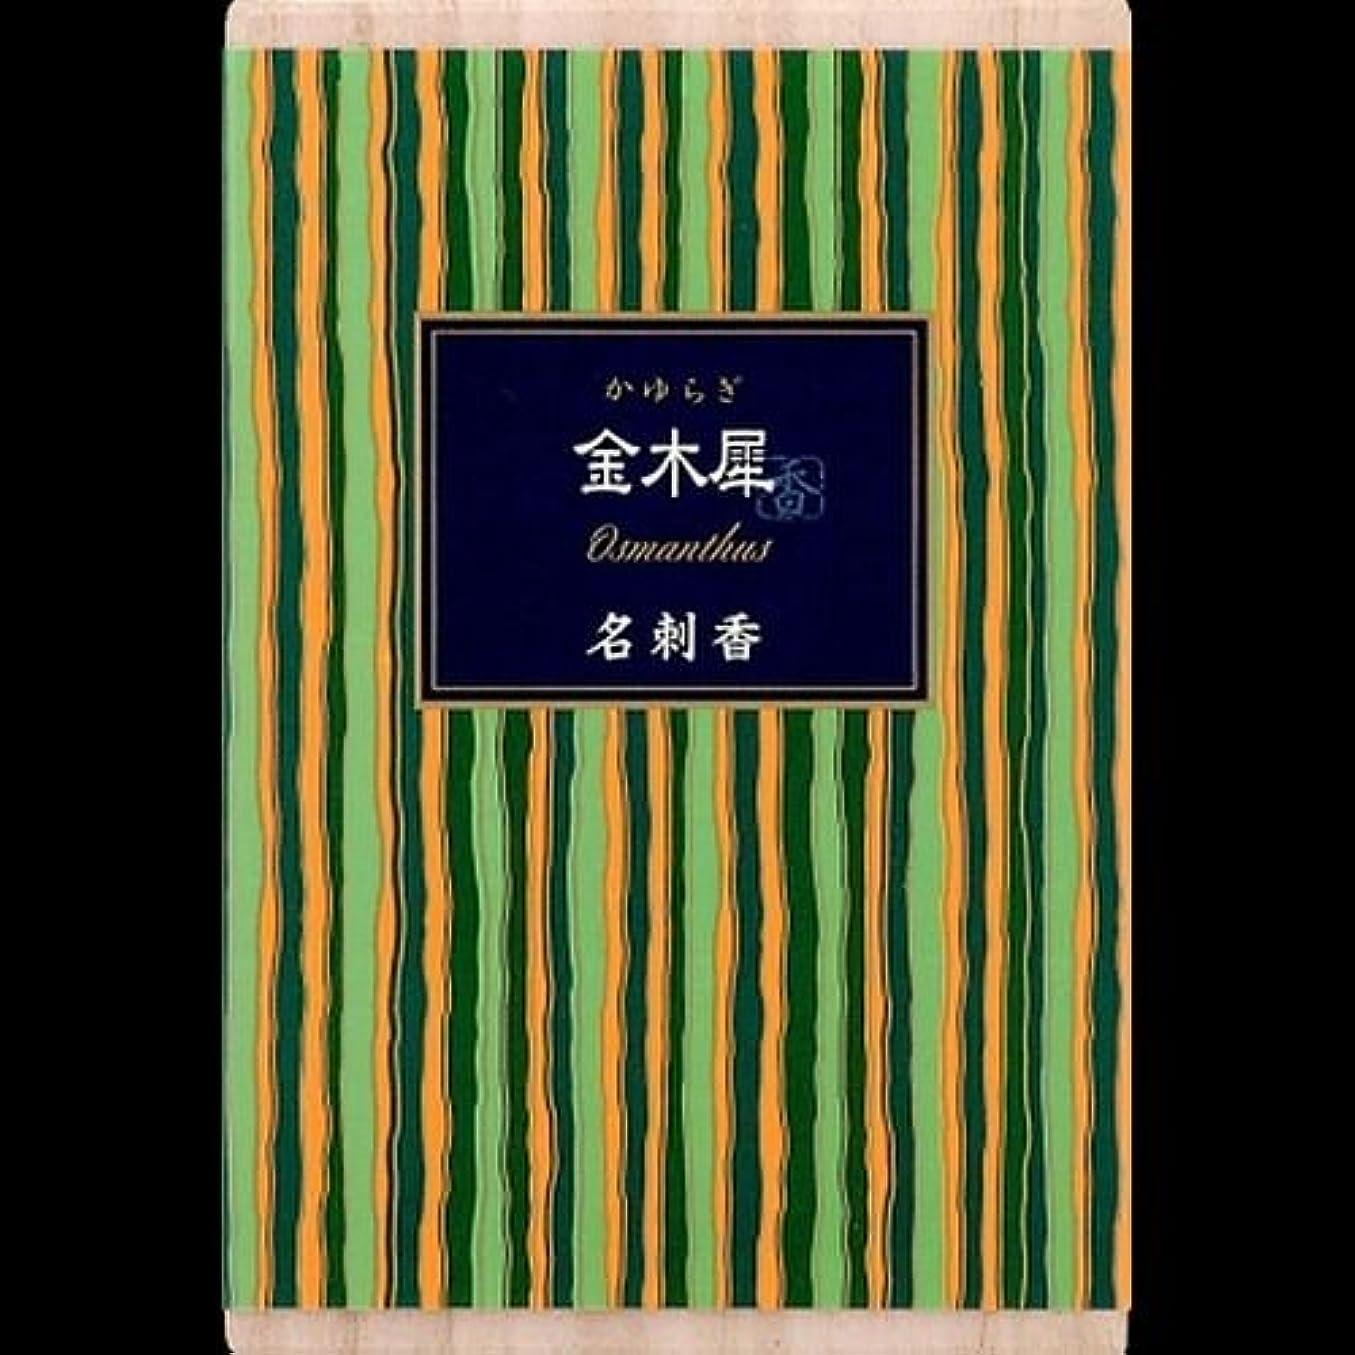 幾何学ペインギリックストレッチ【まとめ買い】かゆらぎ 金木犀 名刺香 桐箱 6入 ×2セット